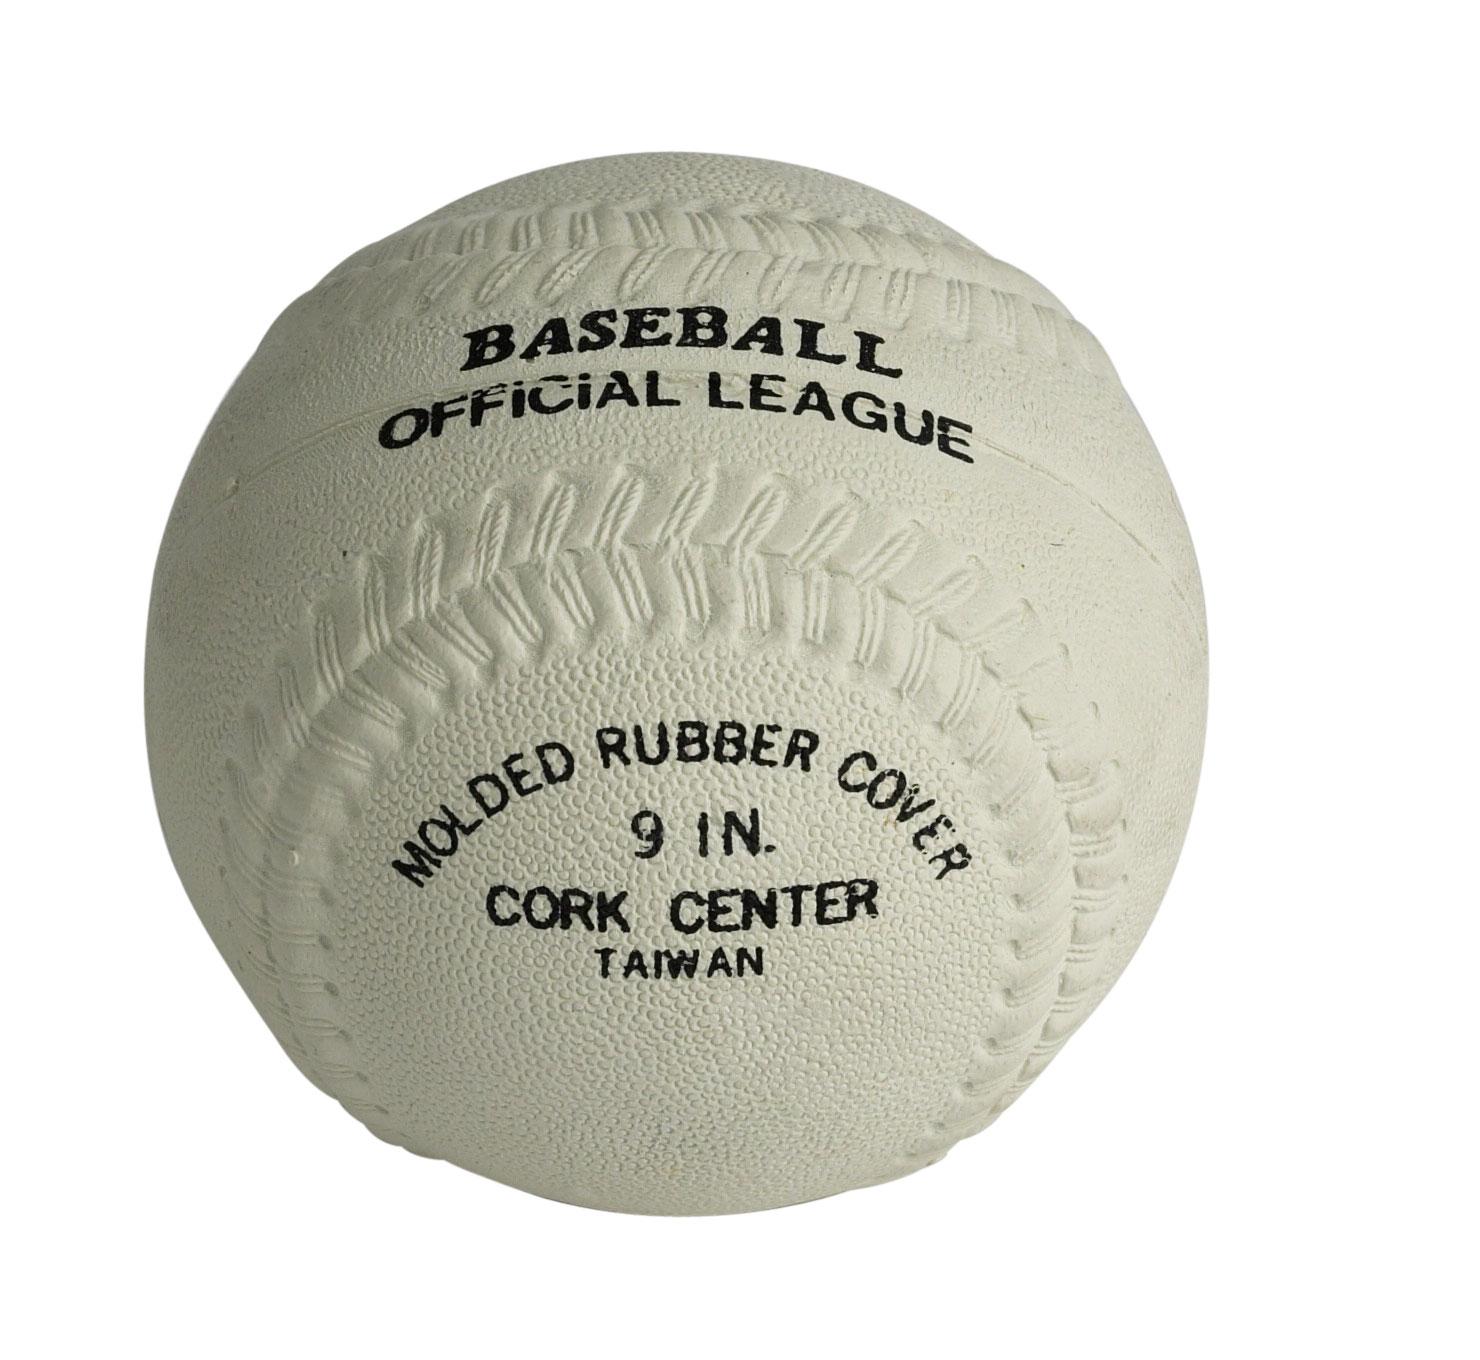 ลูกเบสบอลยาง OFFICIAL LEAGUE